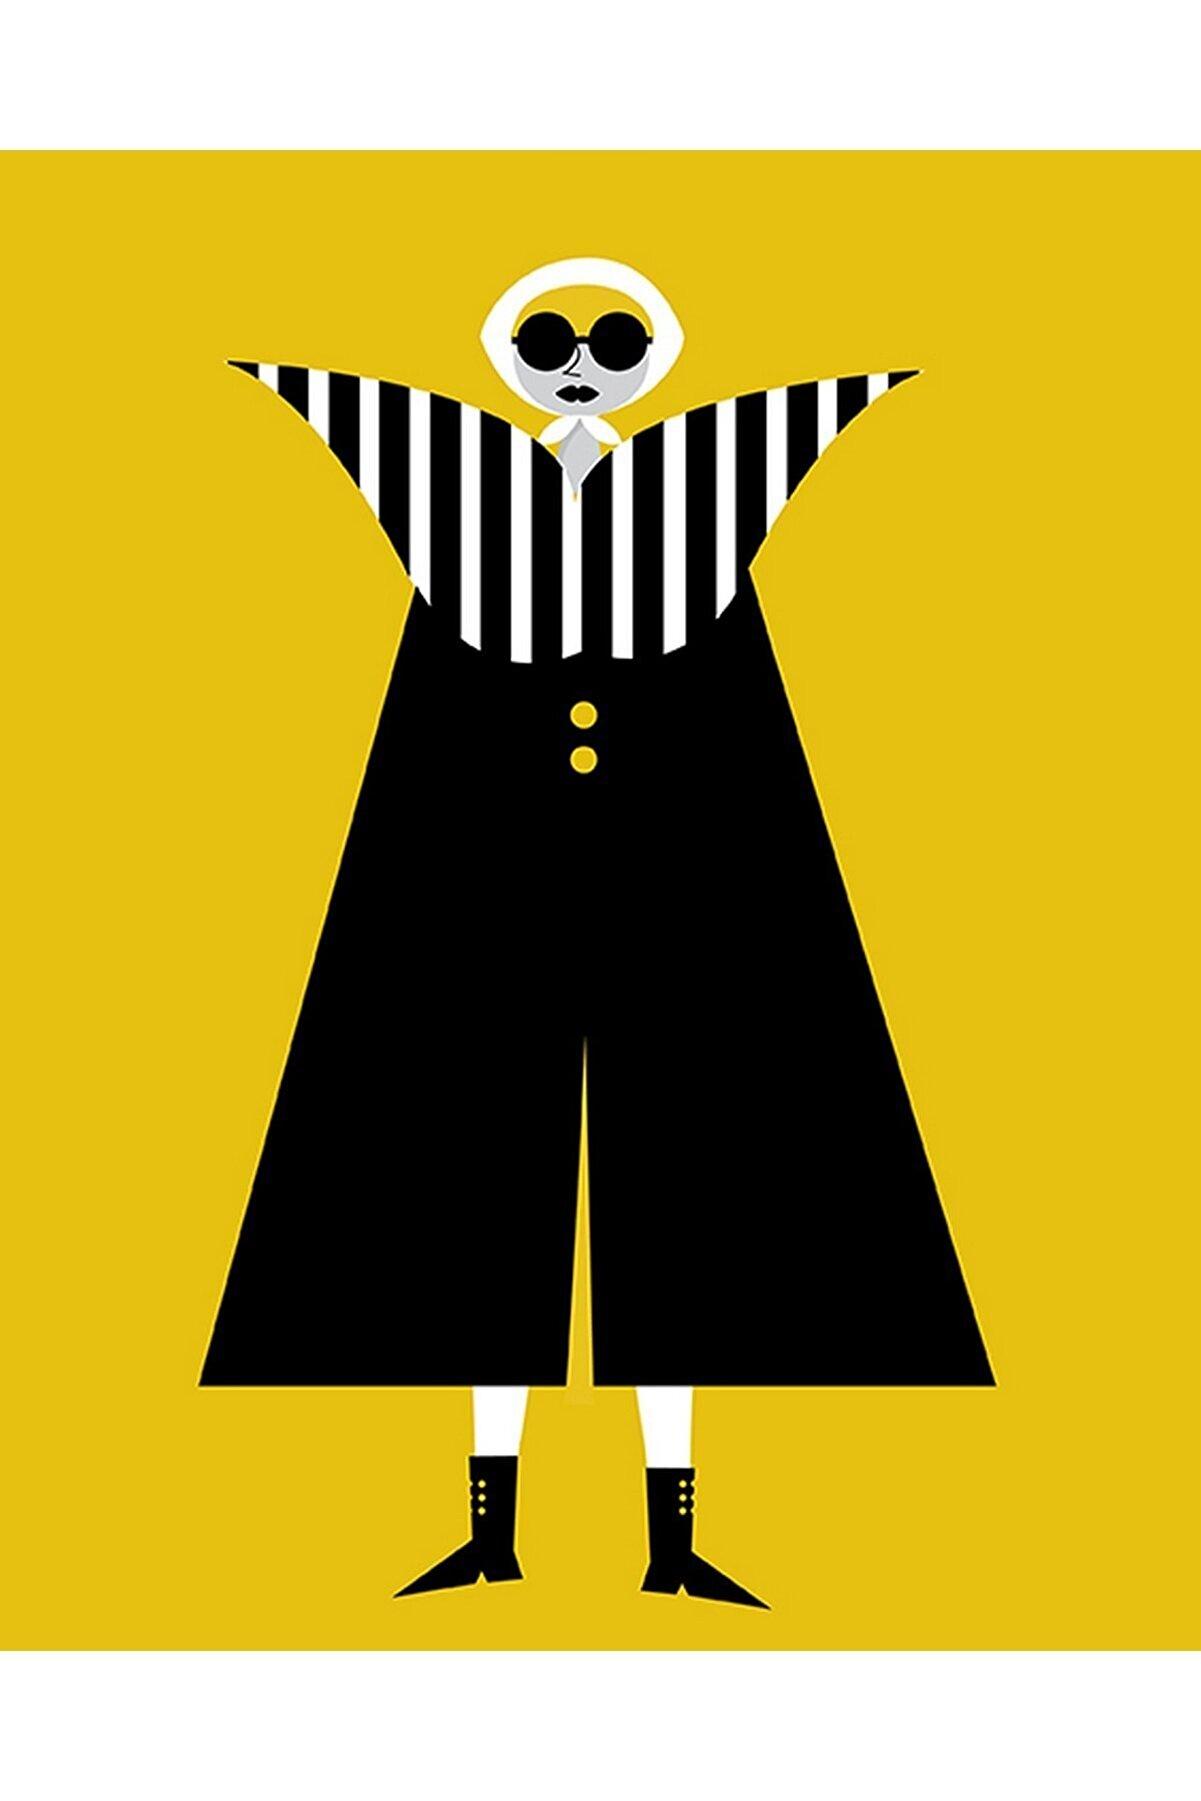 Olgun Kaşıkçı Women In Strapes, 50x70, Dijital Ilüstrasyon, Dokulu Kağıt